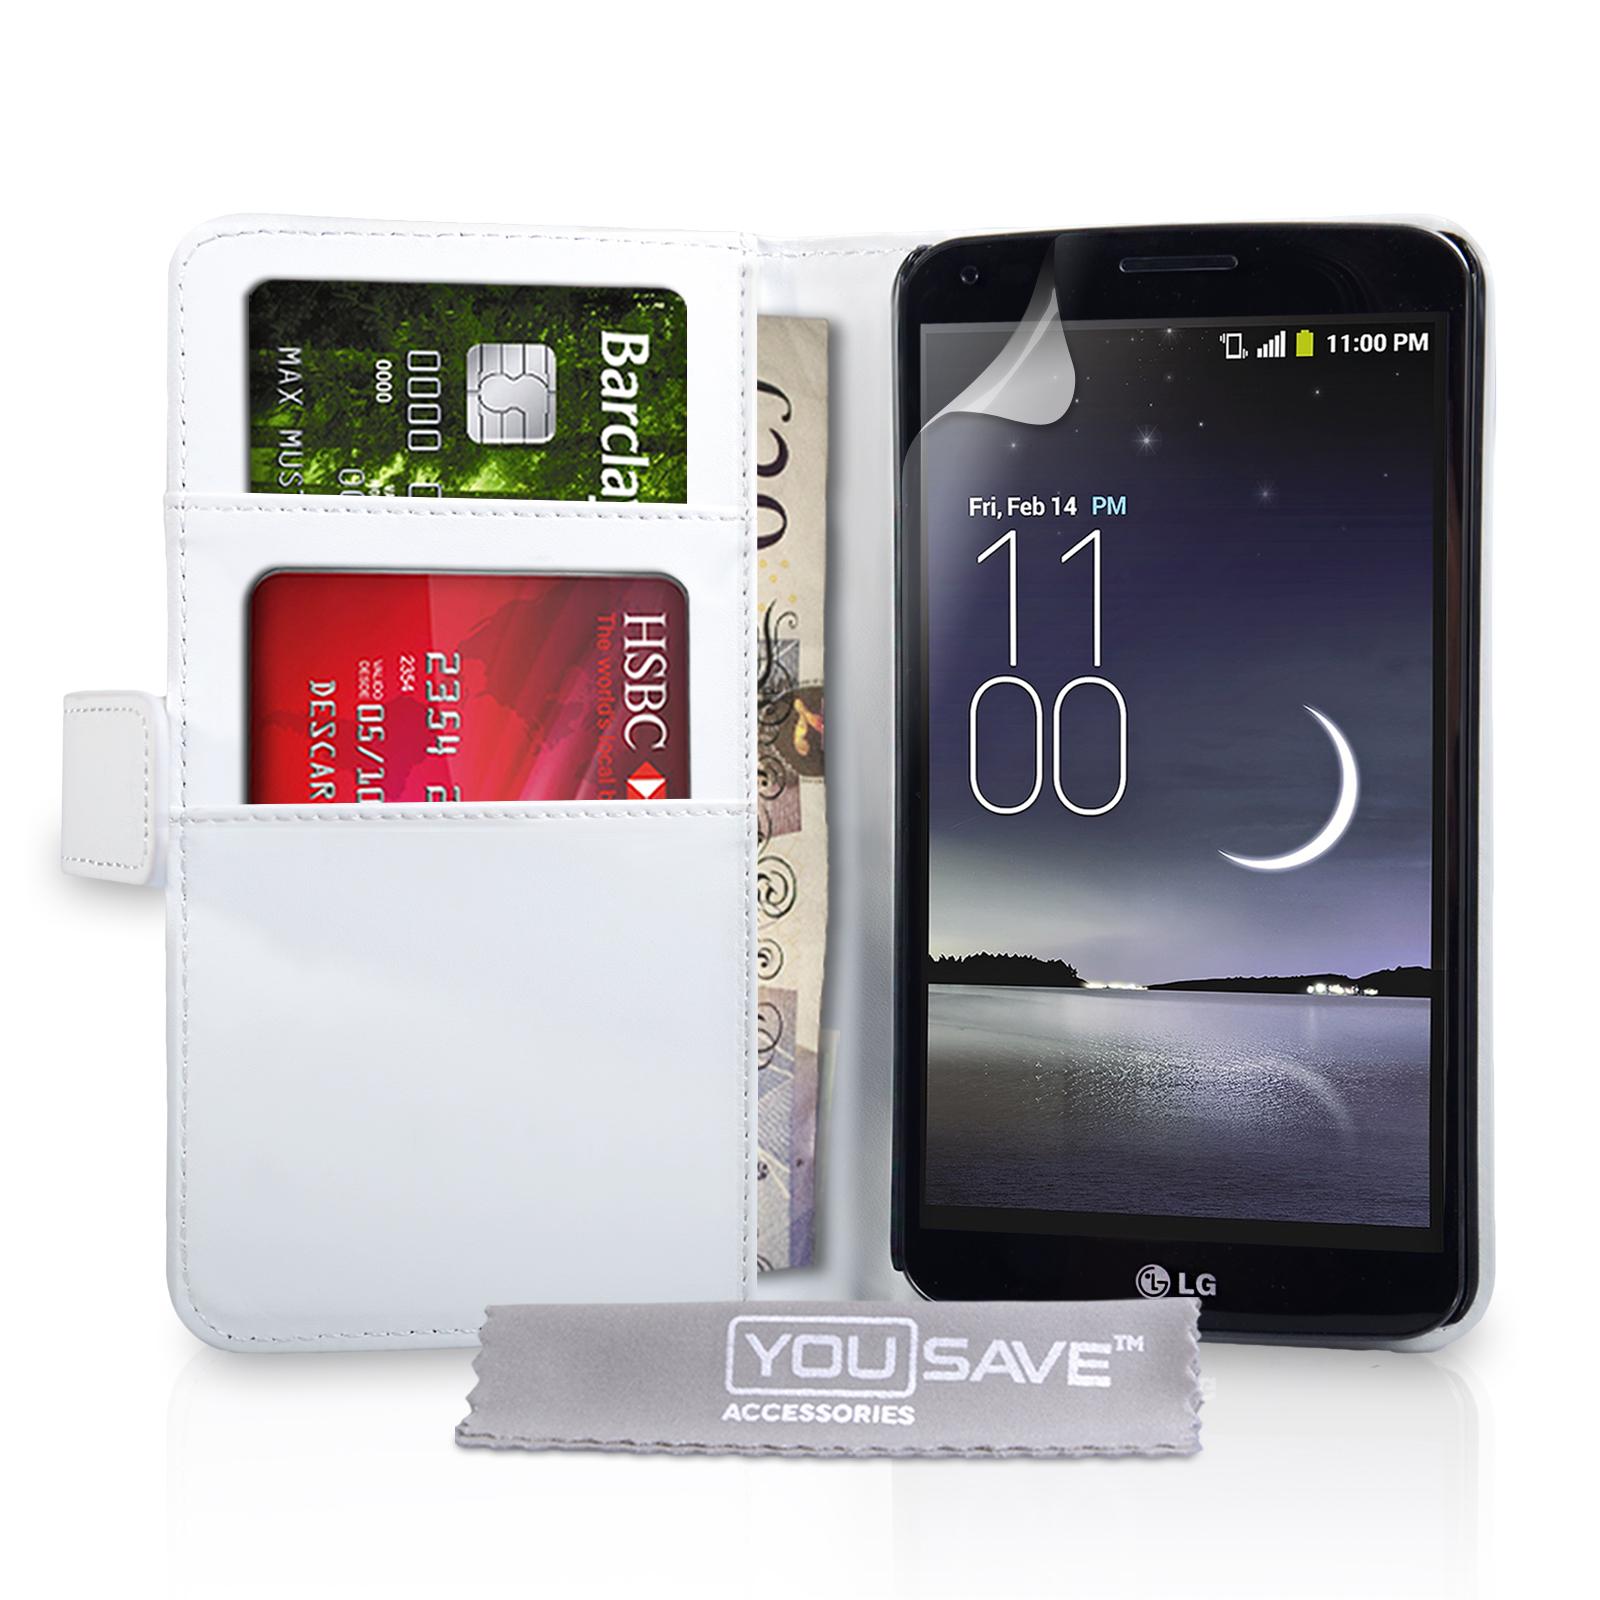 Θήκη LG G Flex - Πορτοφόλι by YouSave (Z204) μόδα